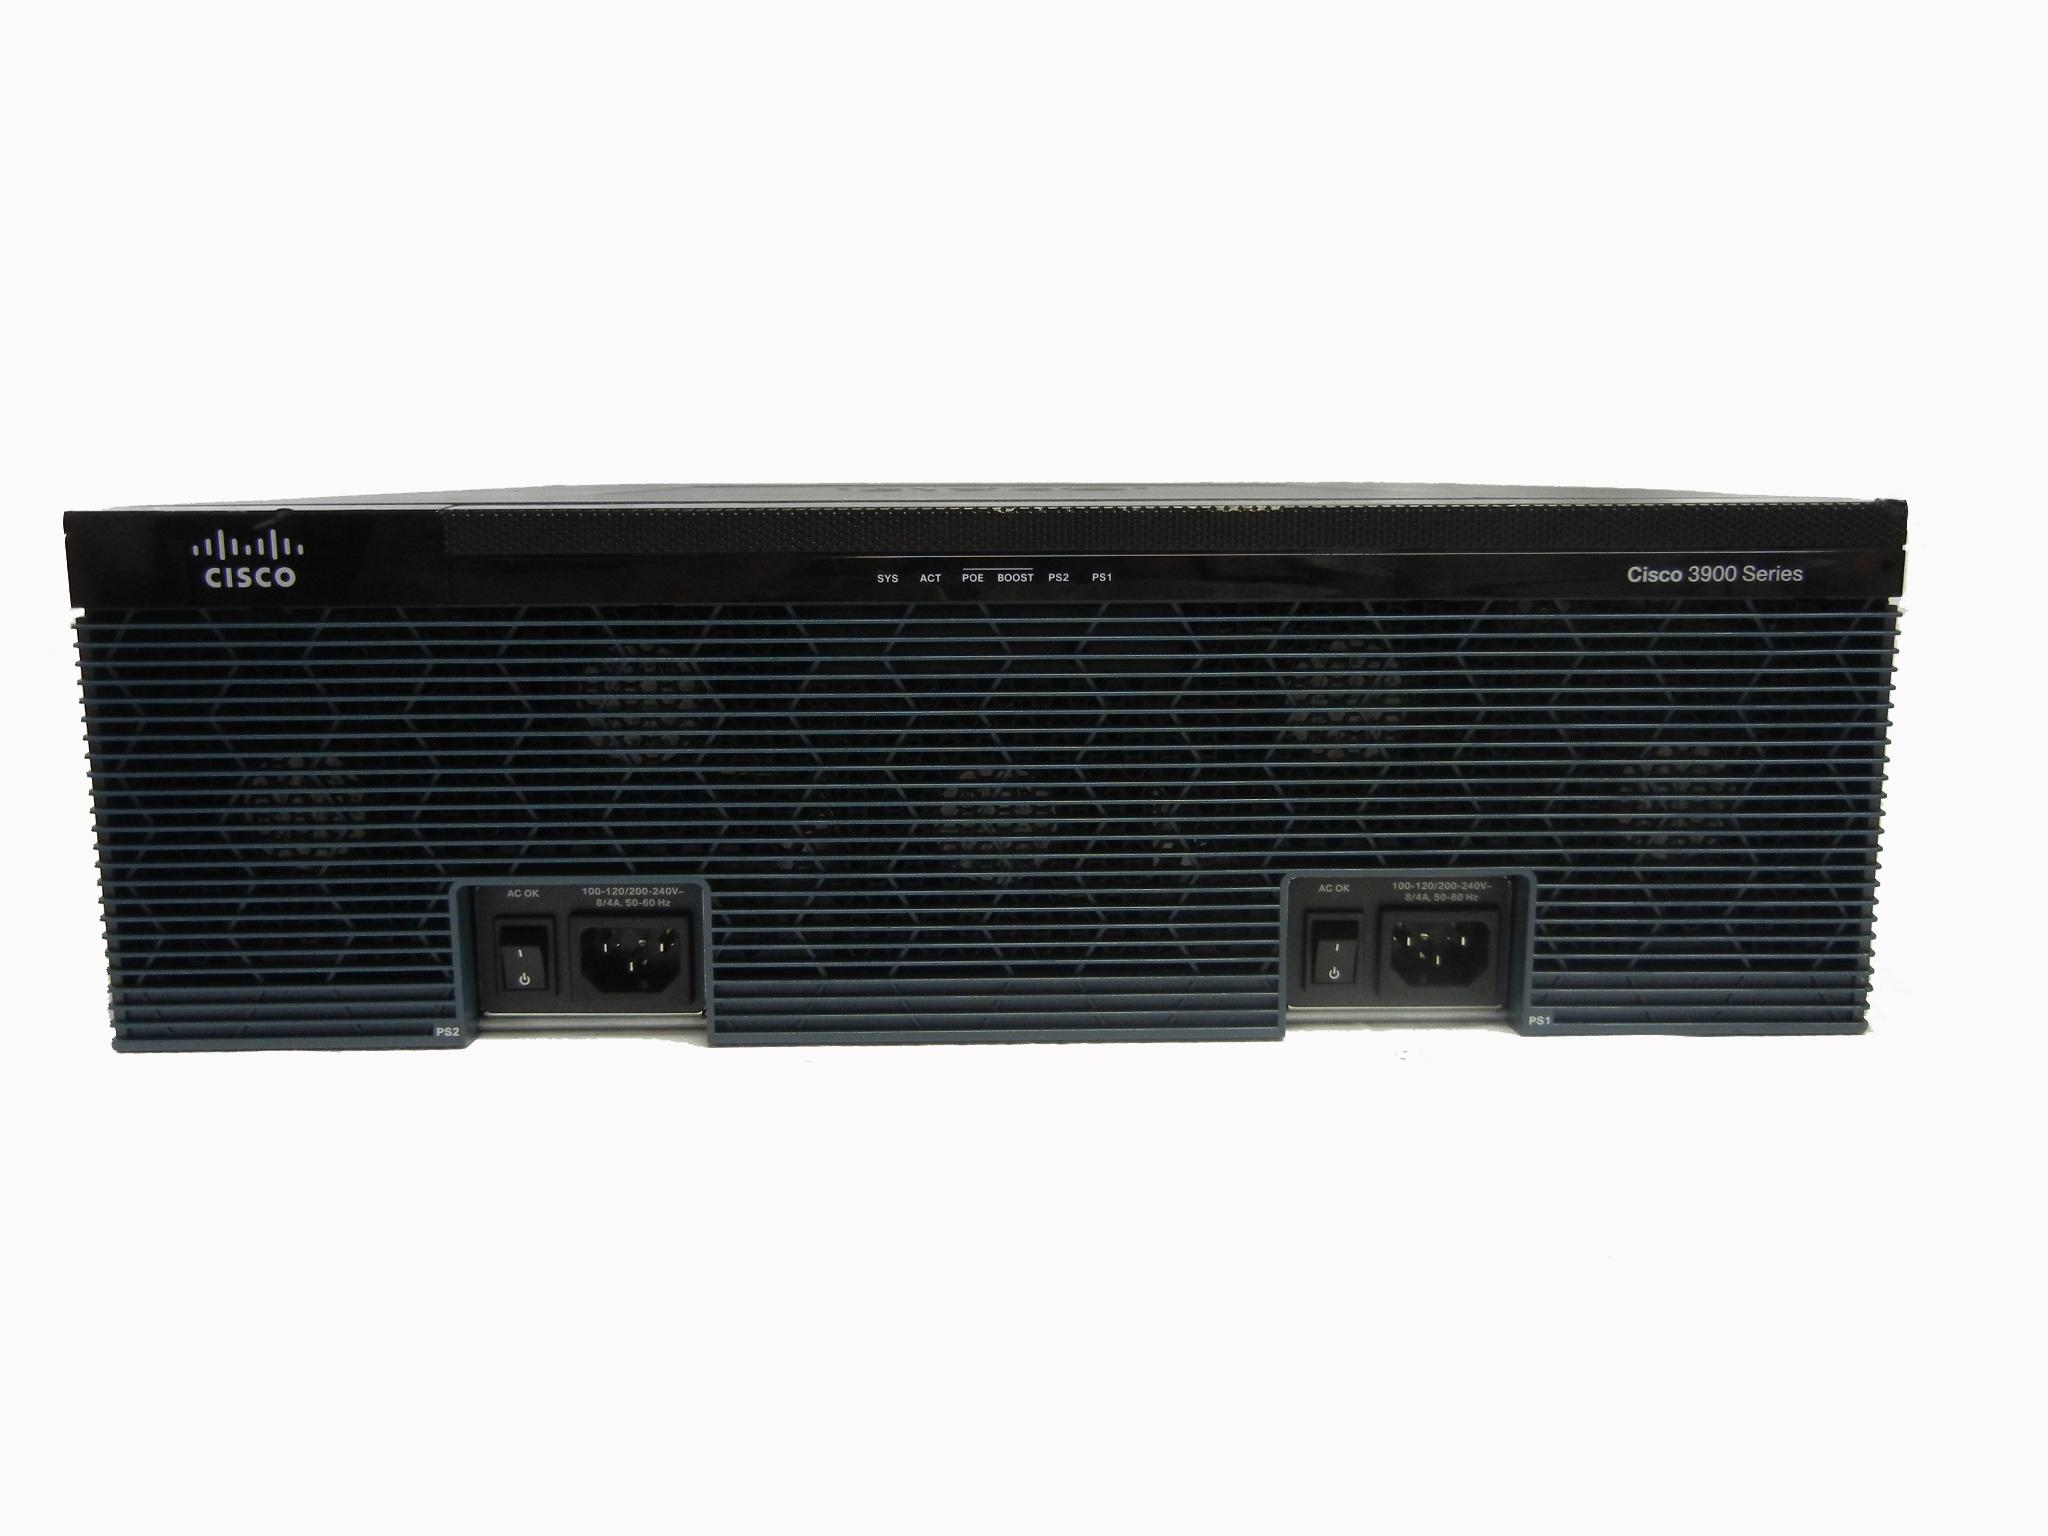 【中古】Cisco 3925/K9 サービス統合型ルータ (冗長電源オプション付き)